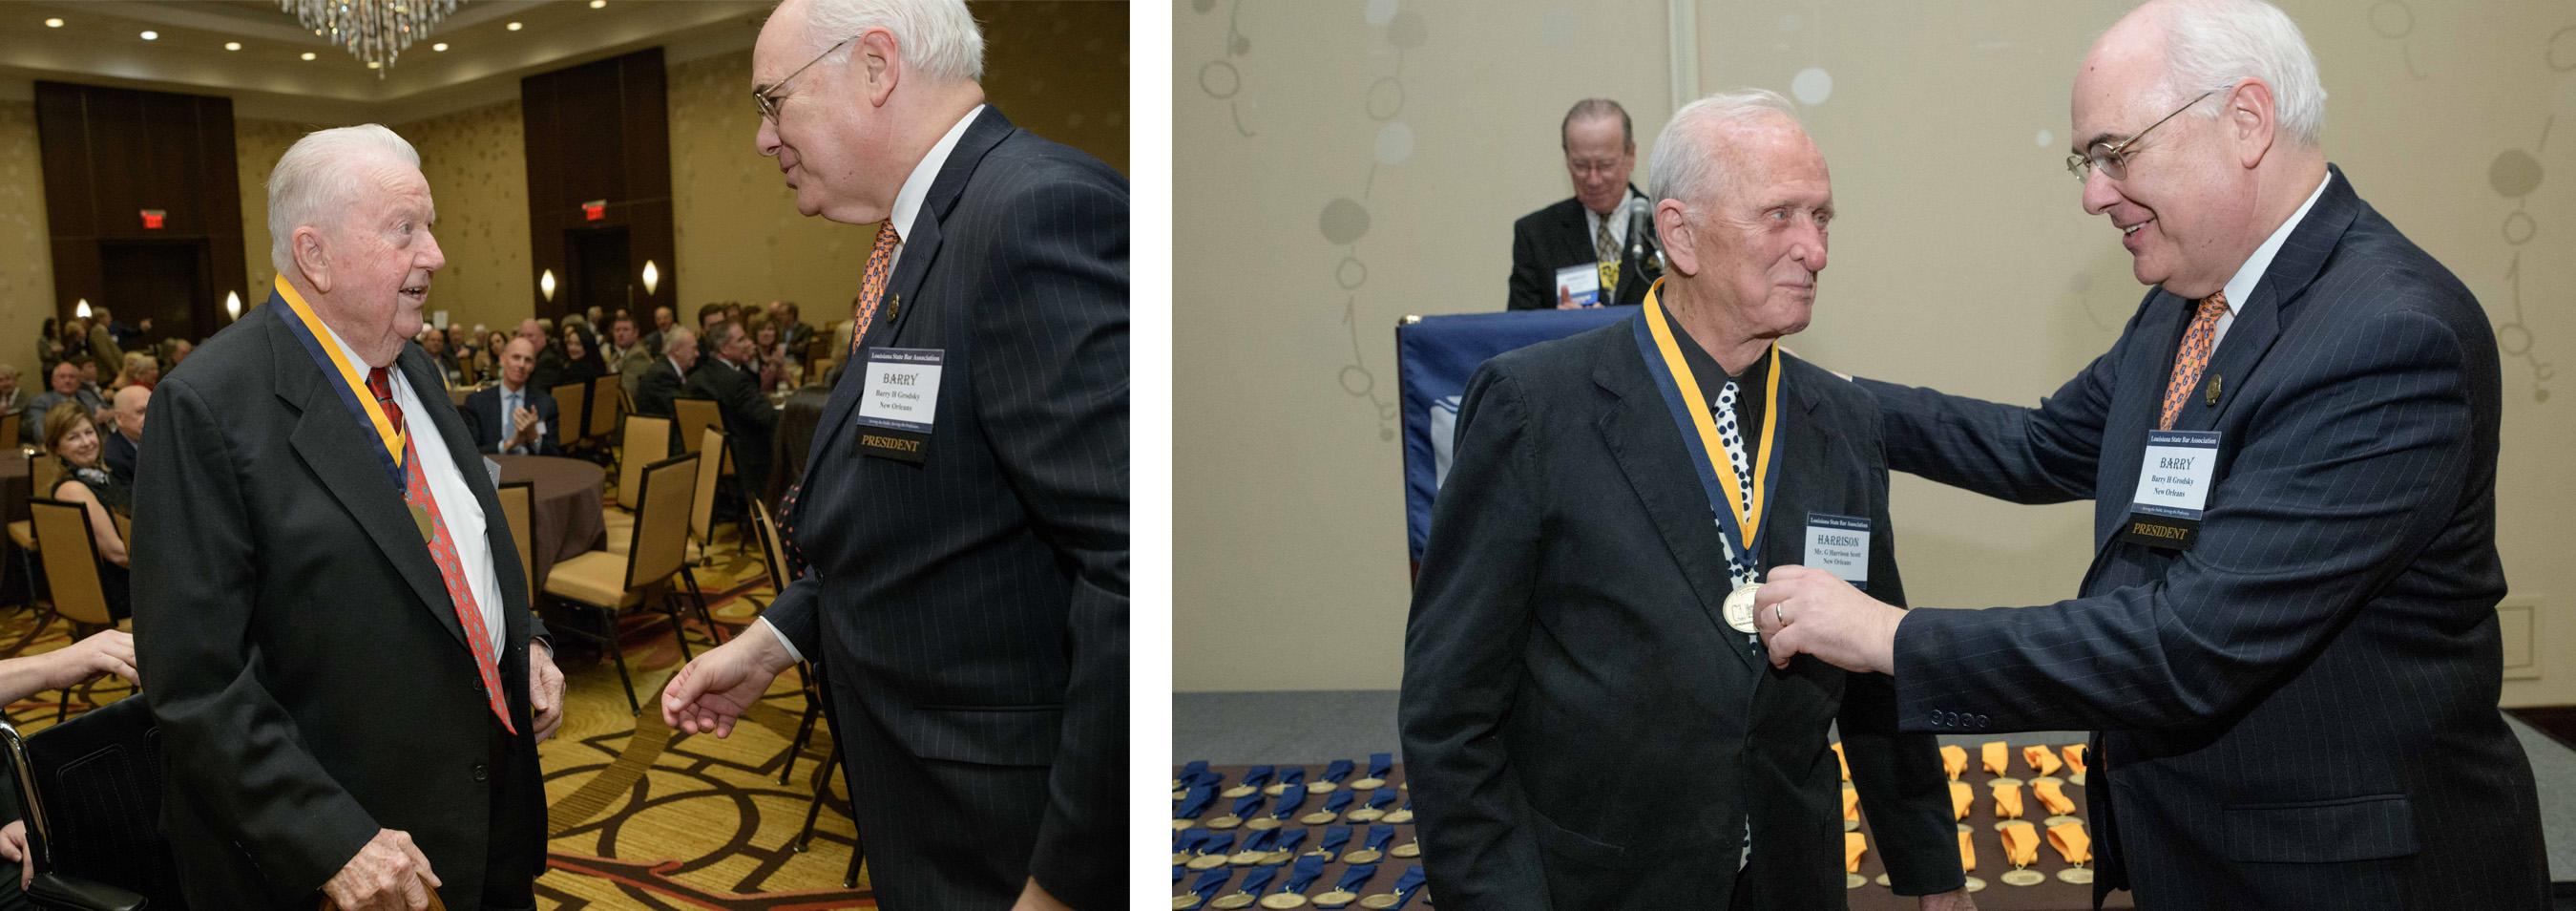 2016 50-Year Member Honorees